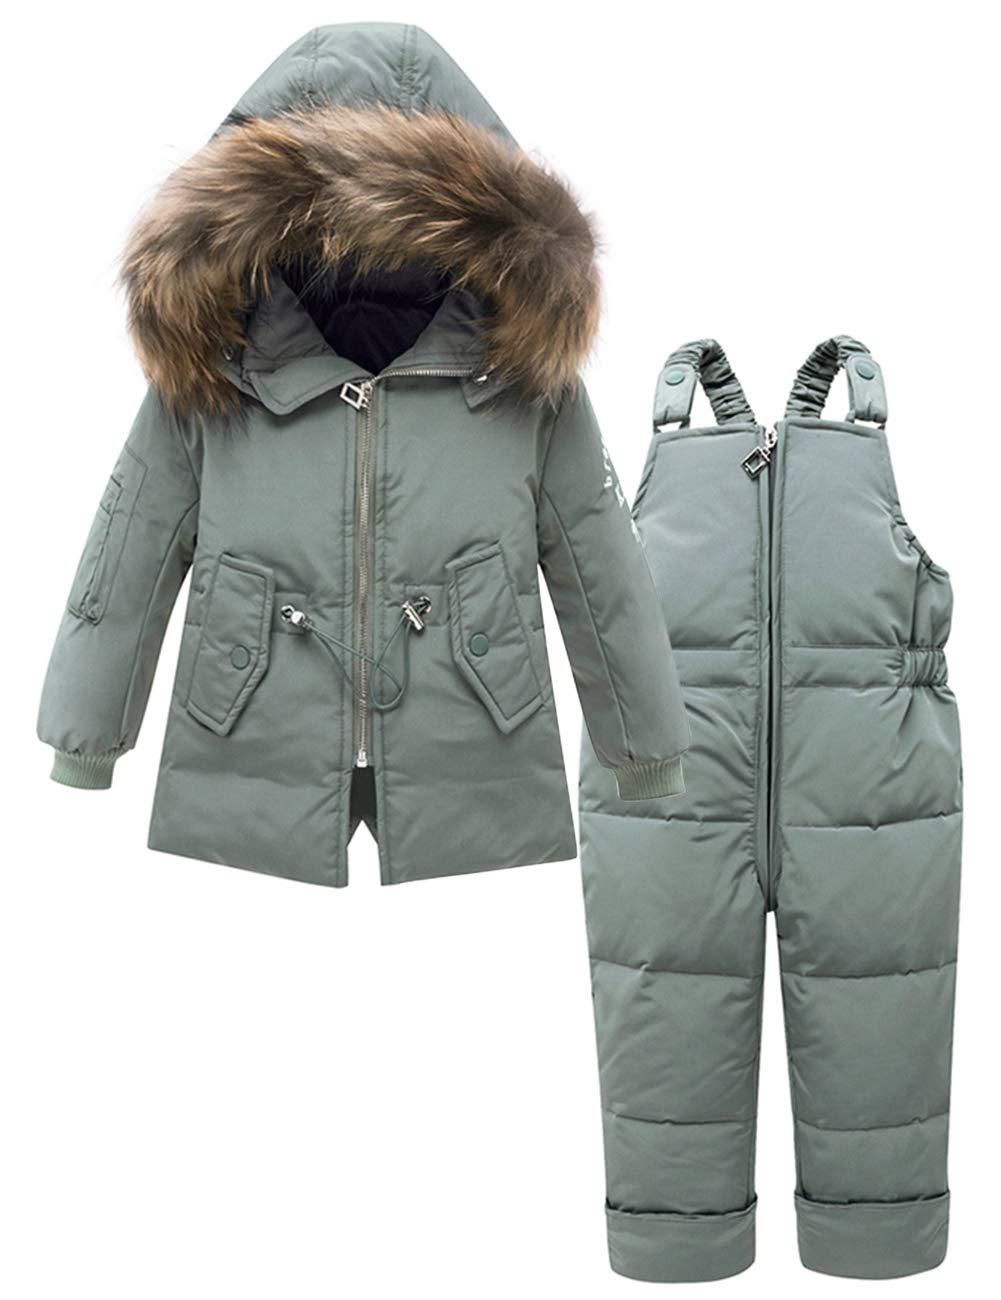 ZOEREA Bebé Niña Chaqueta de Esquí Invierno Conjuntos de Ropa Niñas Traje de Nieve Plumón Abrigo con Capucha y… 1